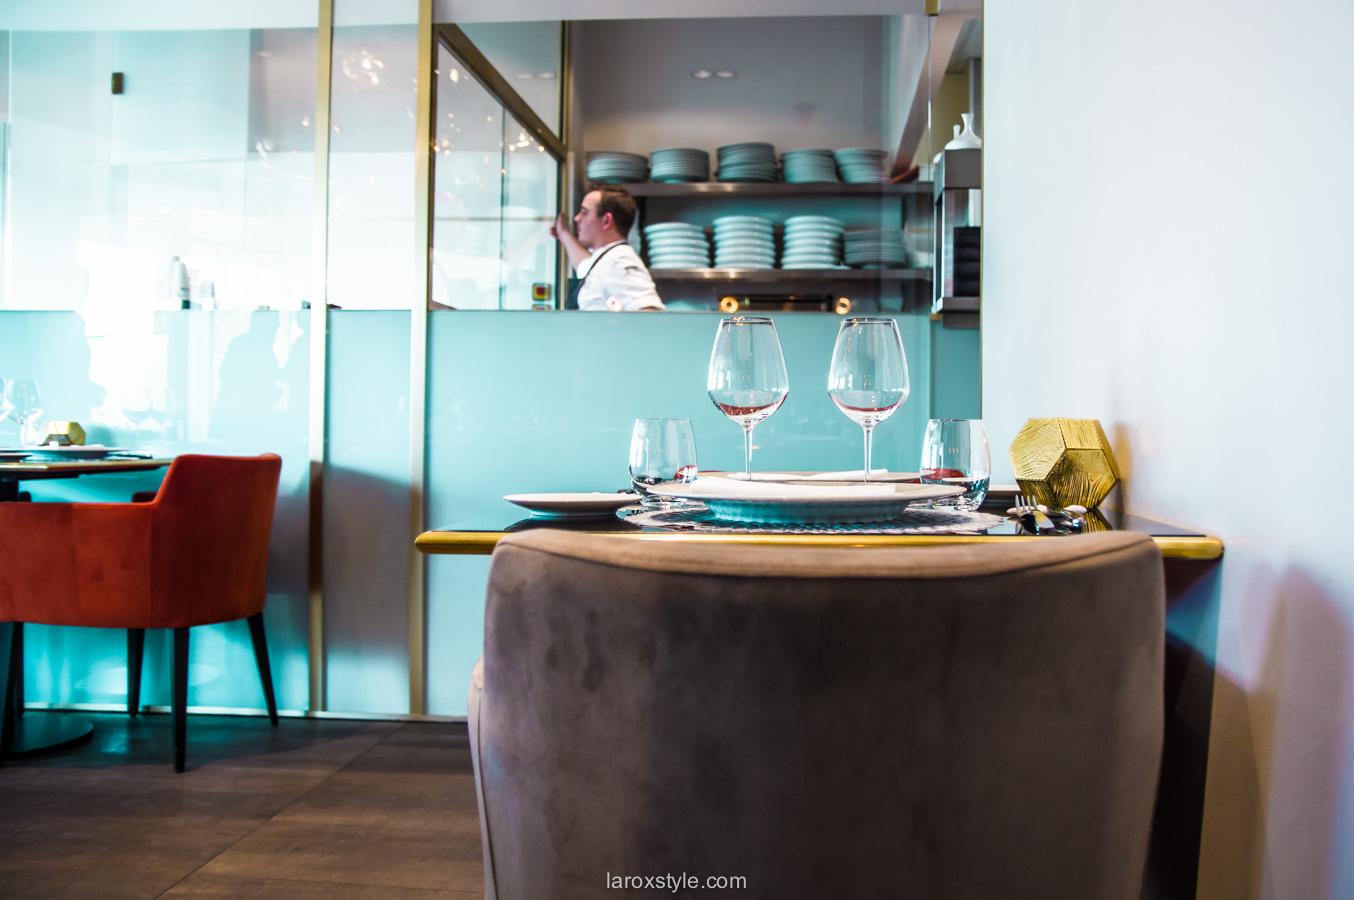 L'eclat restaurant Lyon - semi gastronomique lyon